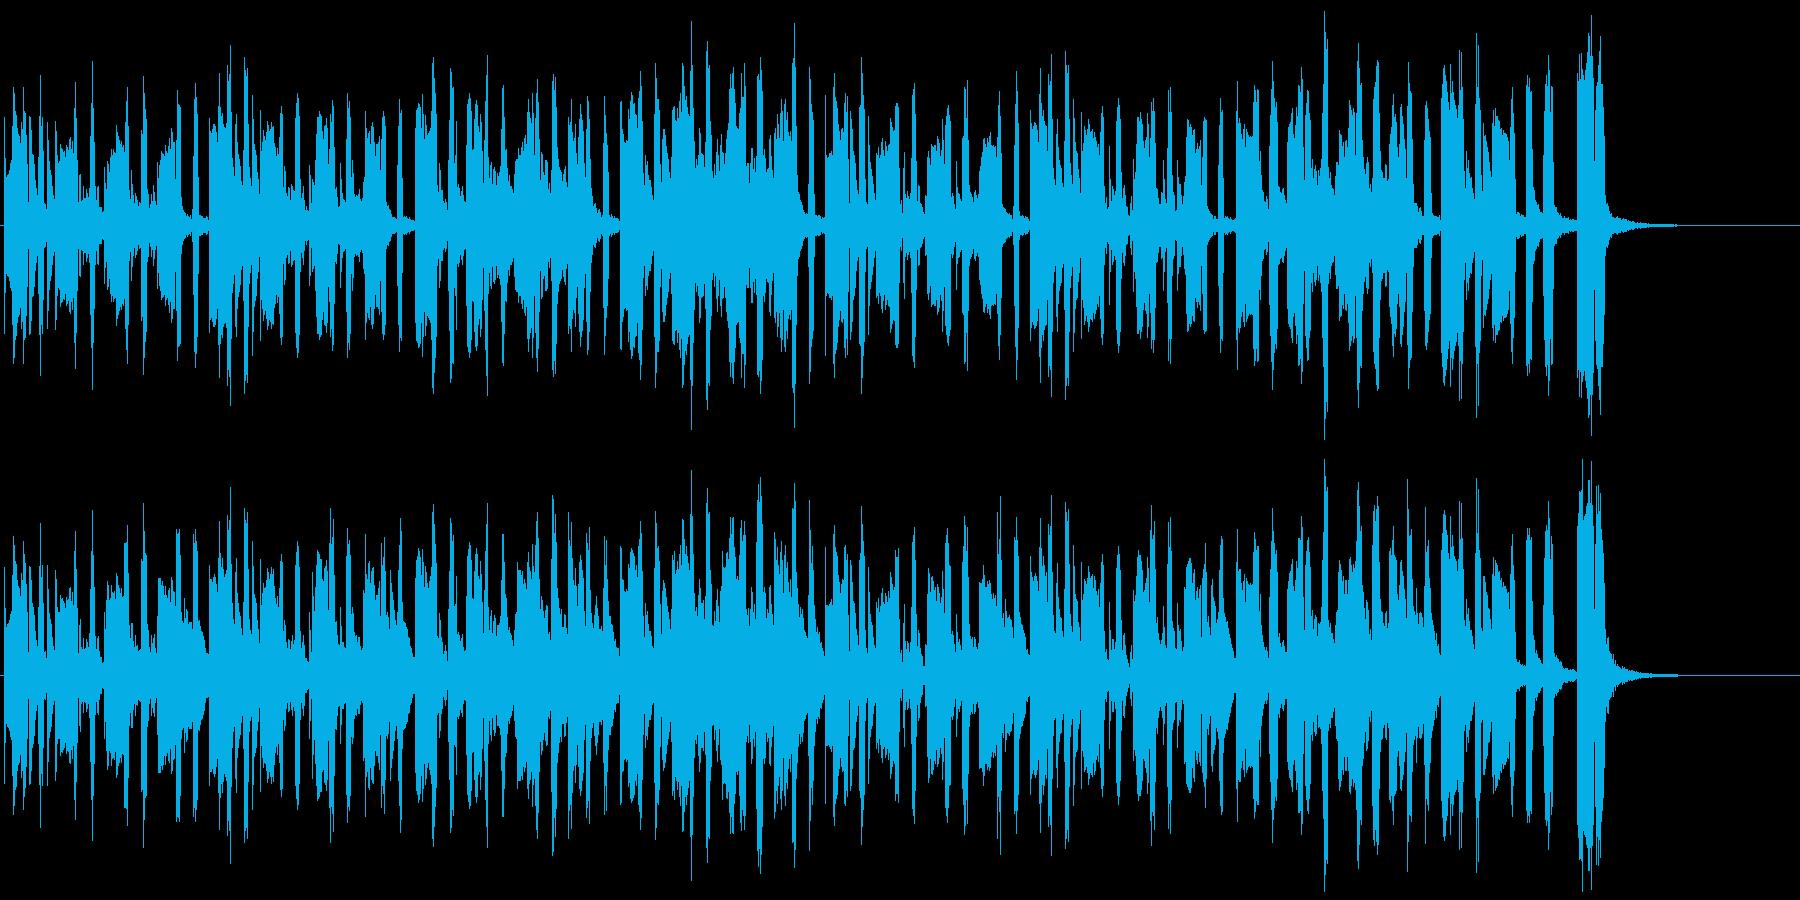 かわいく哀愁あるマリンバとアコーディオンの再生済みの波形